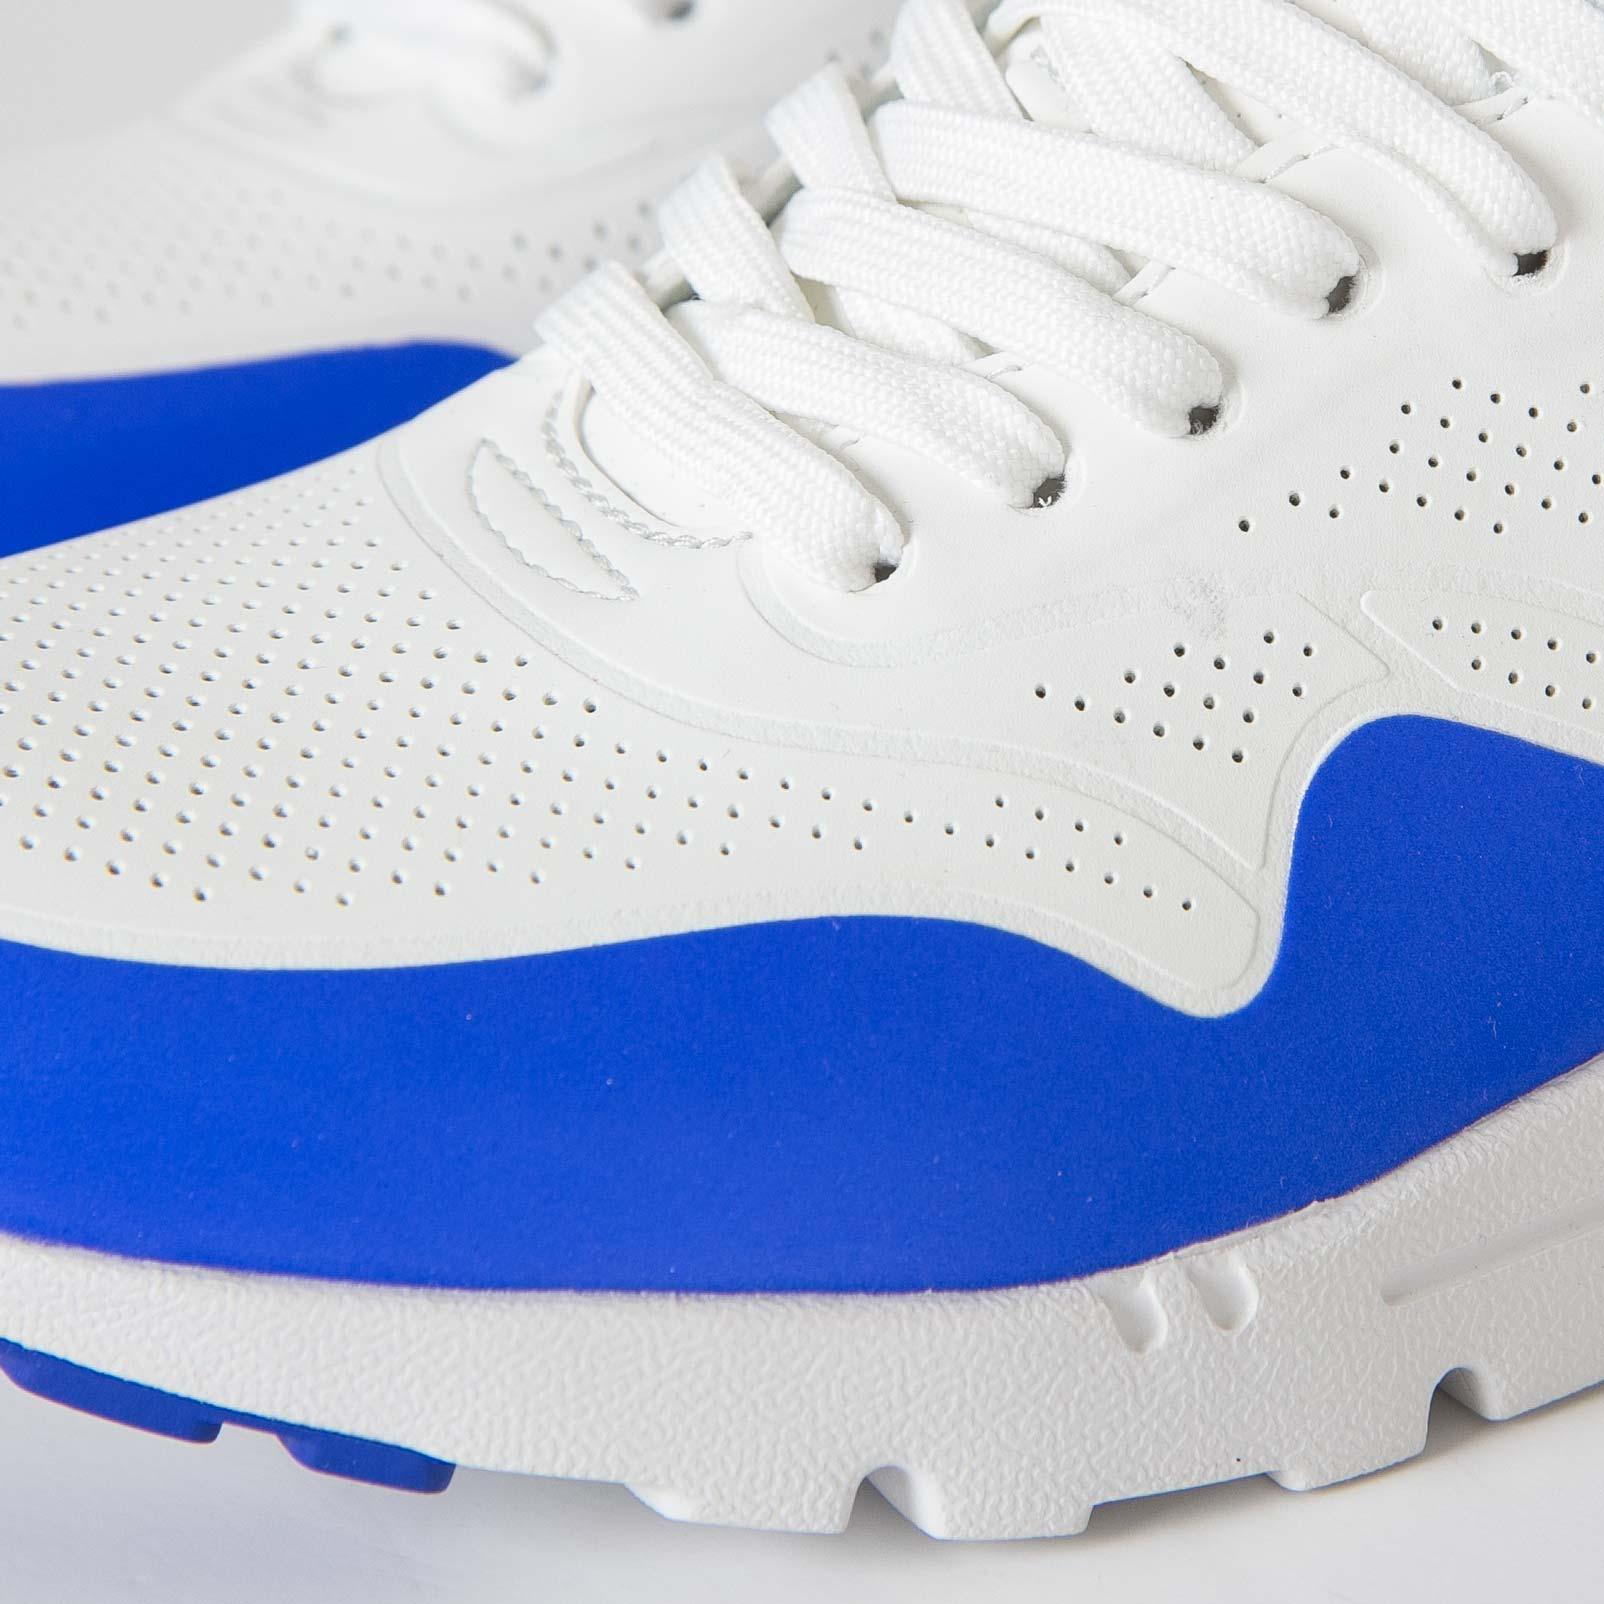 Nike Womens Air Max 1 Ultra Moire Racer Blue Air 23 Air